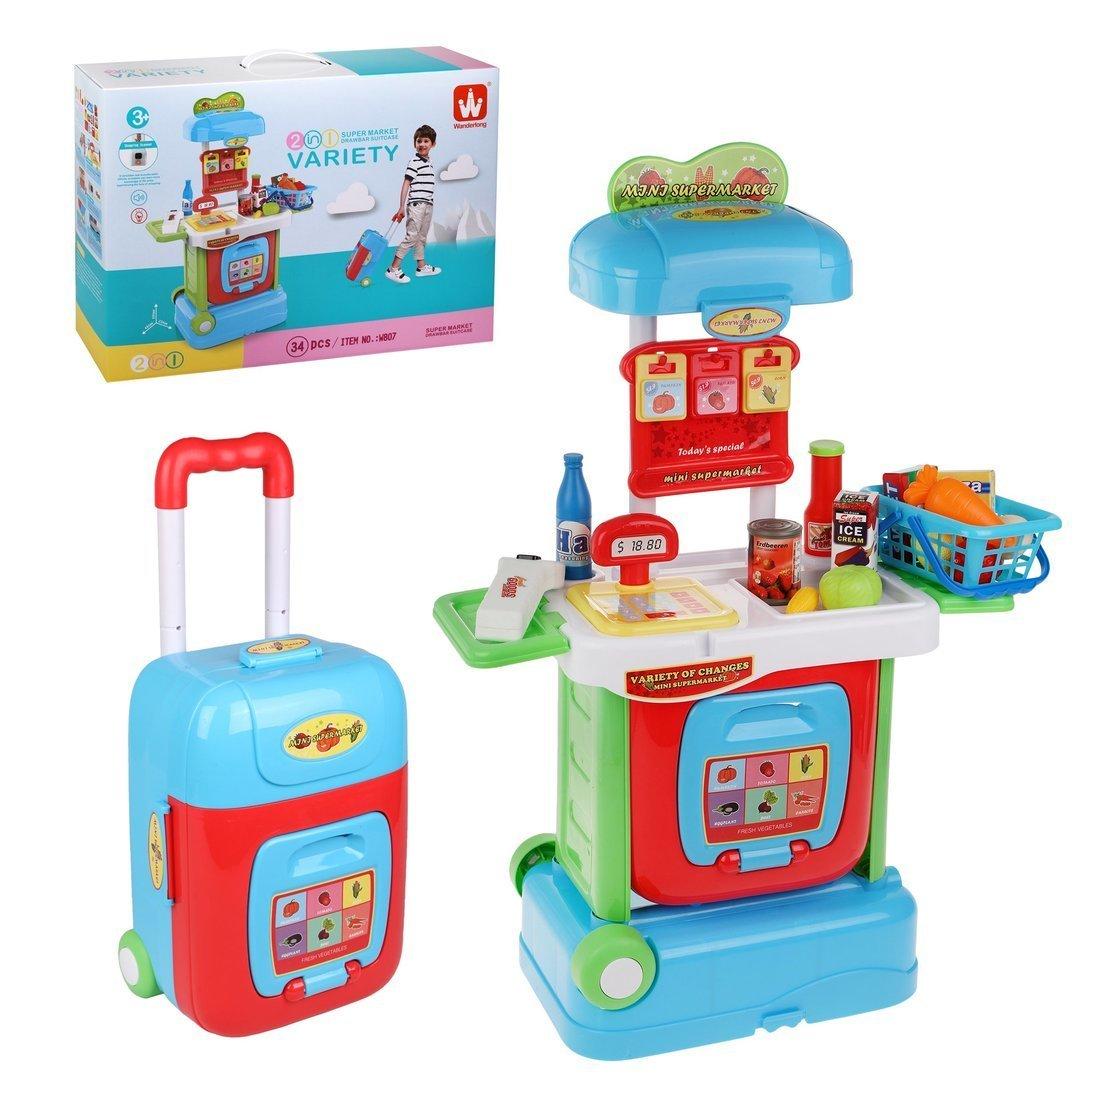 Купить Игровой набор Наша Игрушка Магазин Продукты, 34 предмета, свет, звук W807, Наша игрушка,